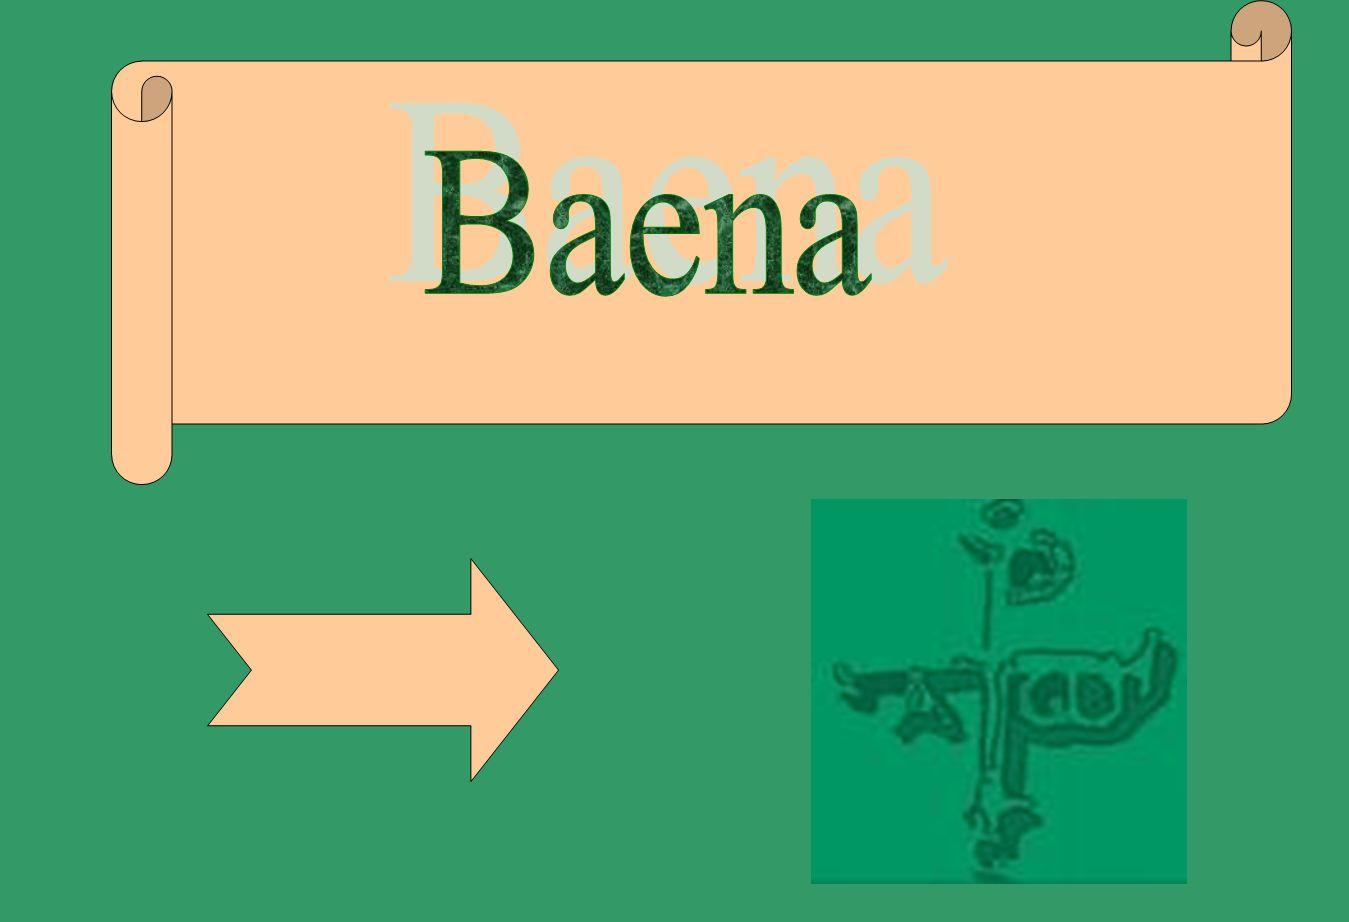 El municipio de Baena esta situado al suroeste de la provincia de Córdoba (España), entre la Campiña y la Sierra Subbética a 60km de la Capital, el río Guadajoz atraviesa el termino casi transversalmente de Suroeste a Oeste y el río Marbella que baña al propio núcleo urbano.